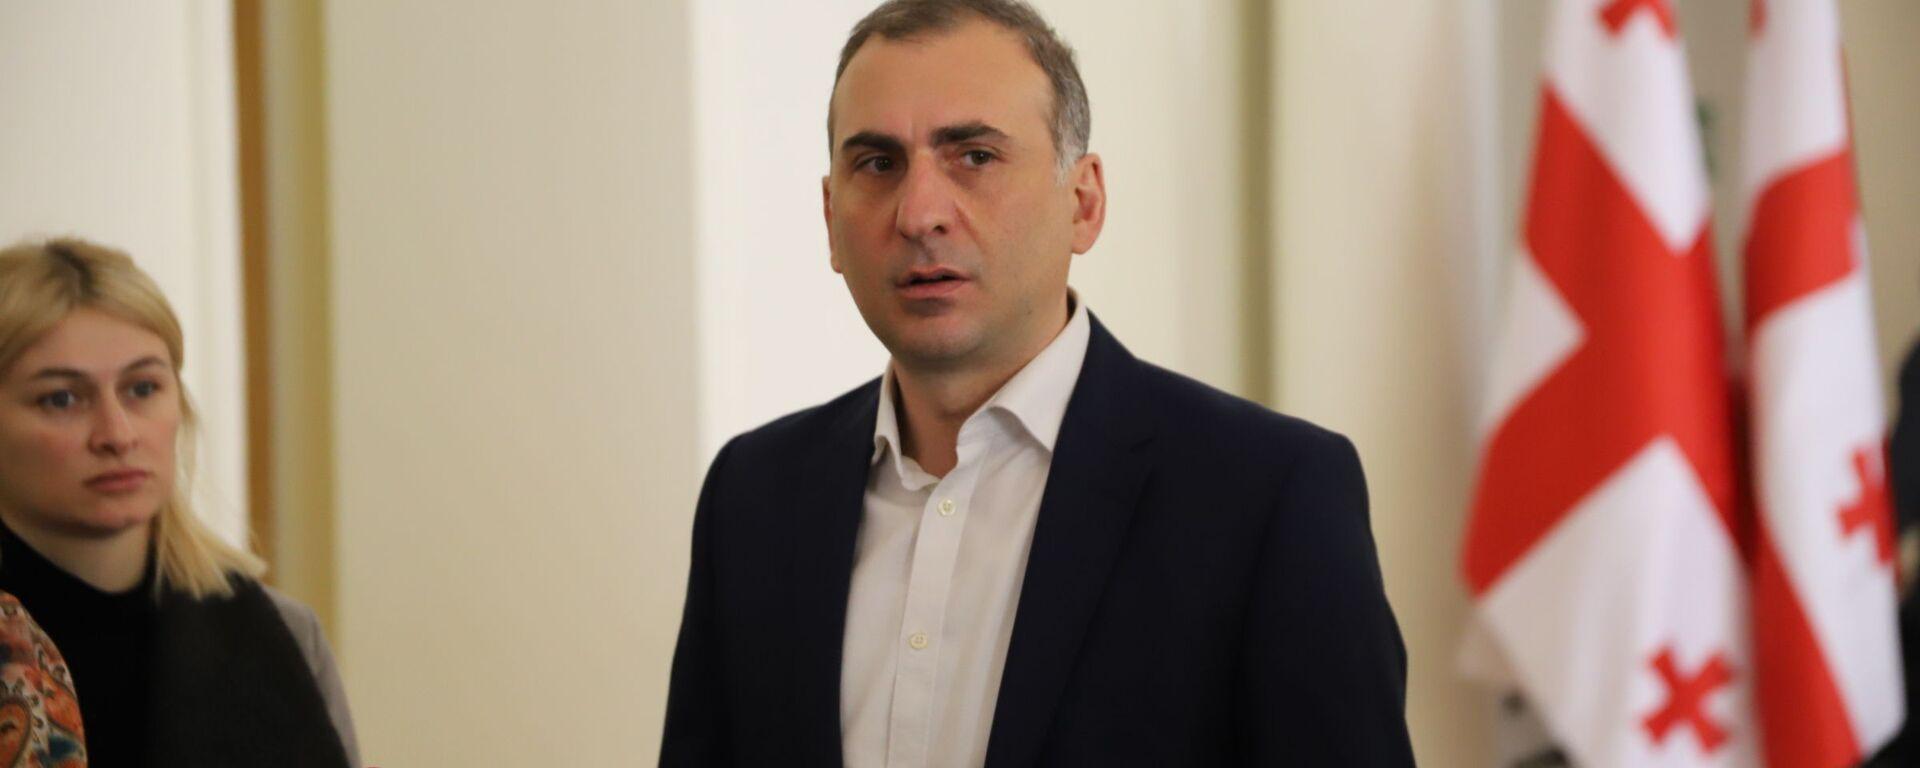 Алеко Элисашвили в парламенте Грузии - Sputnik Грузия, 1920, 27.04.2021